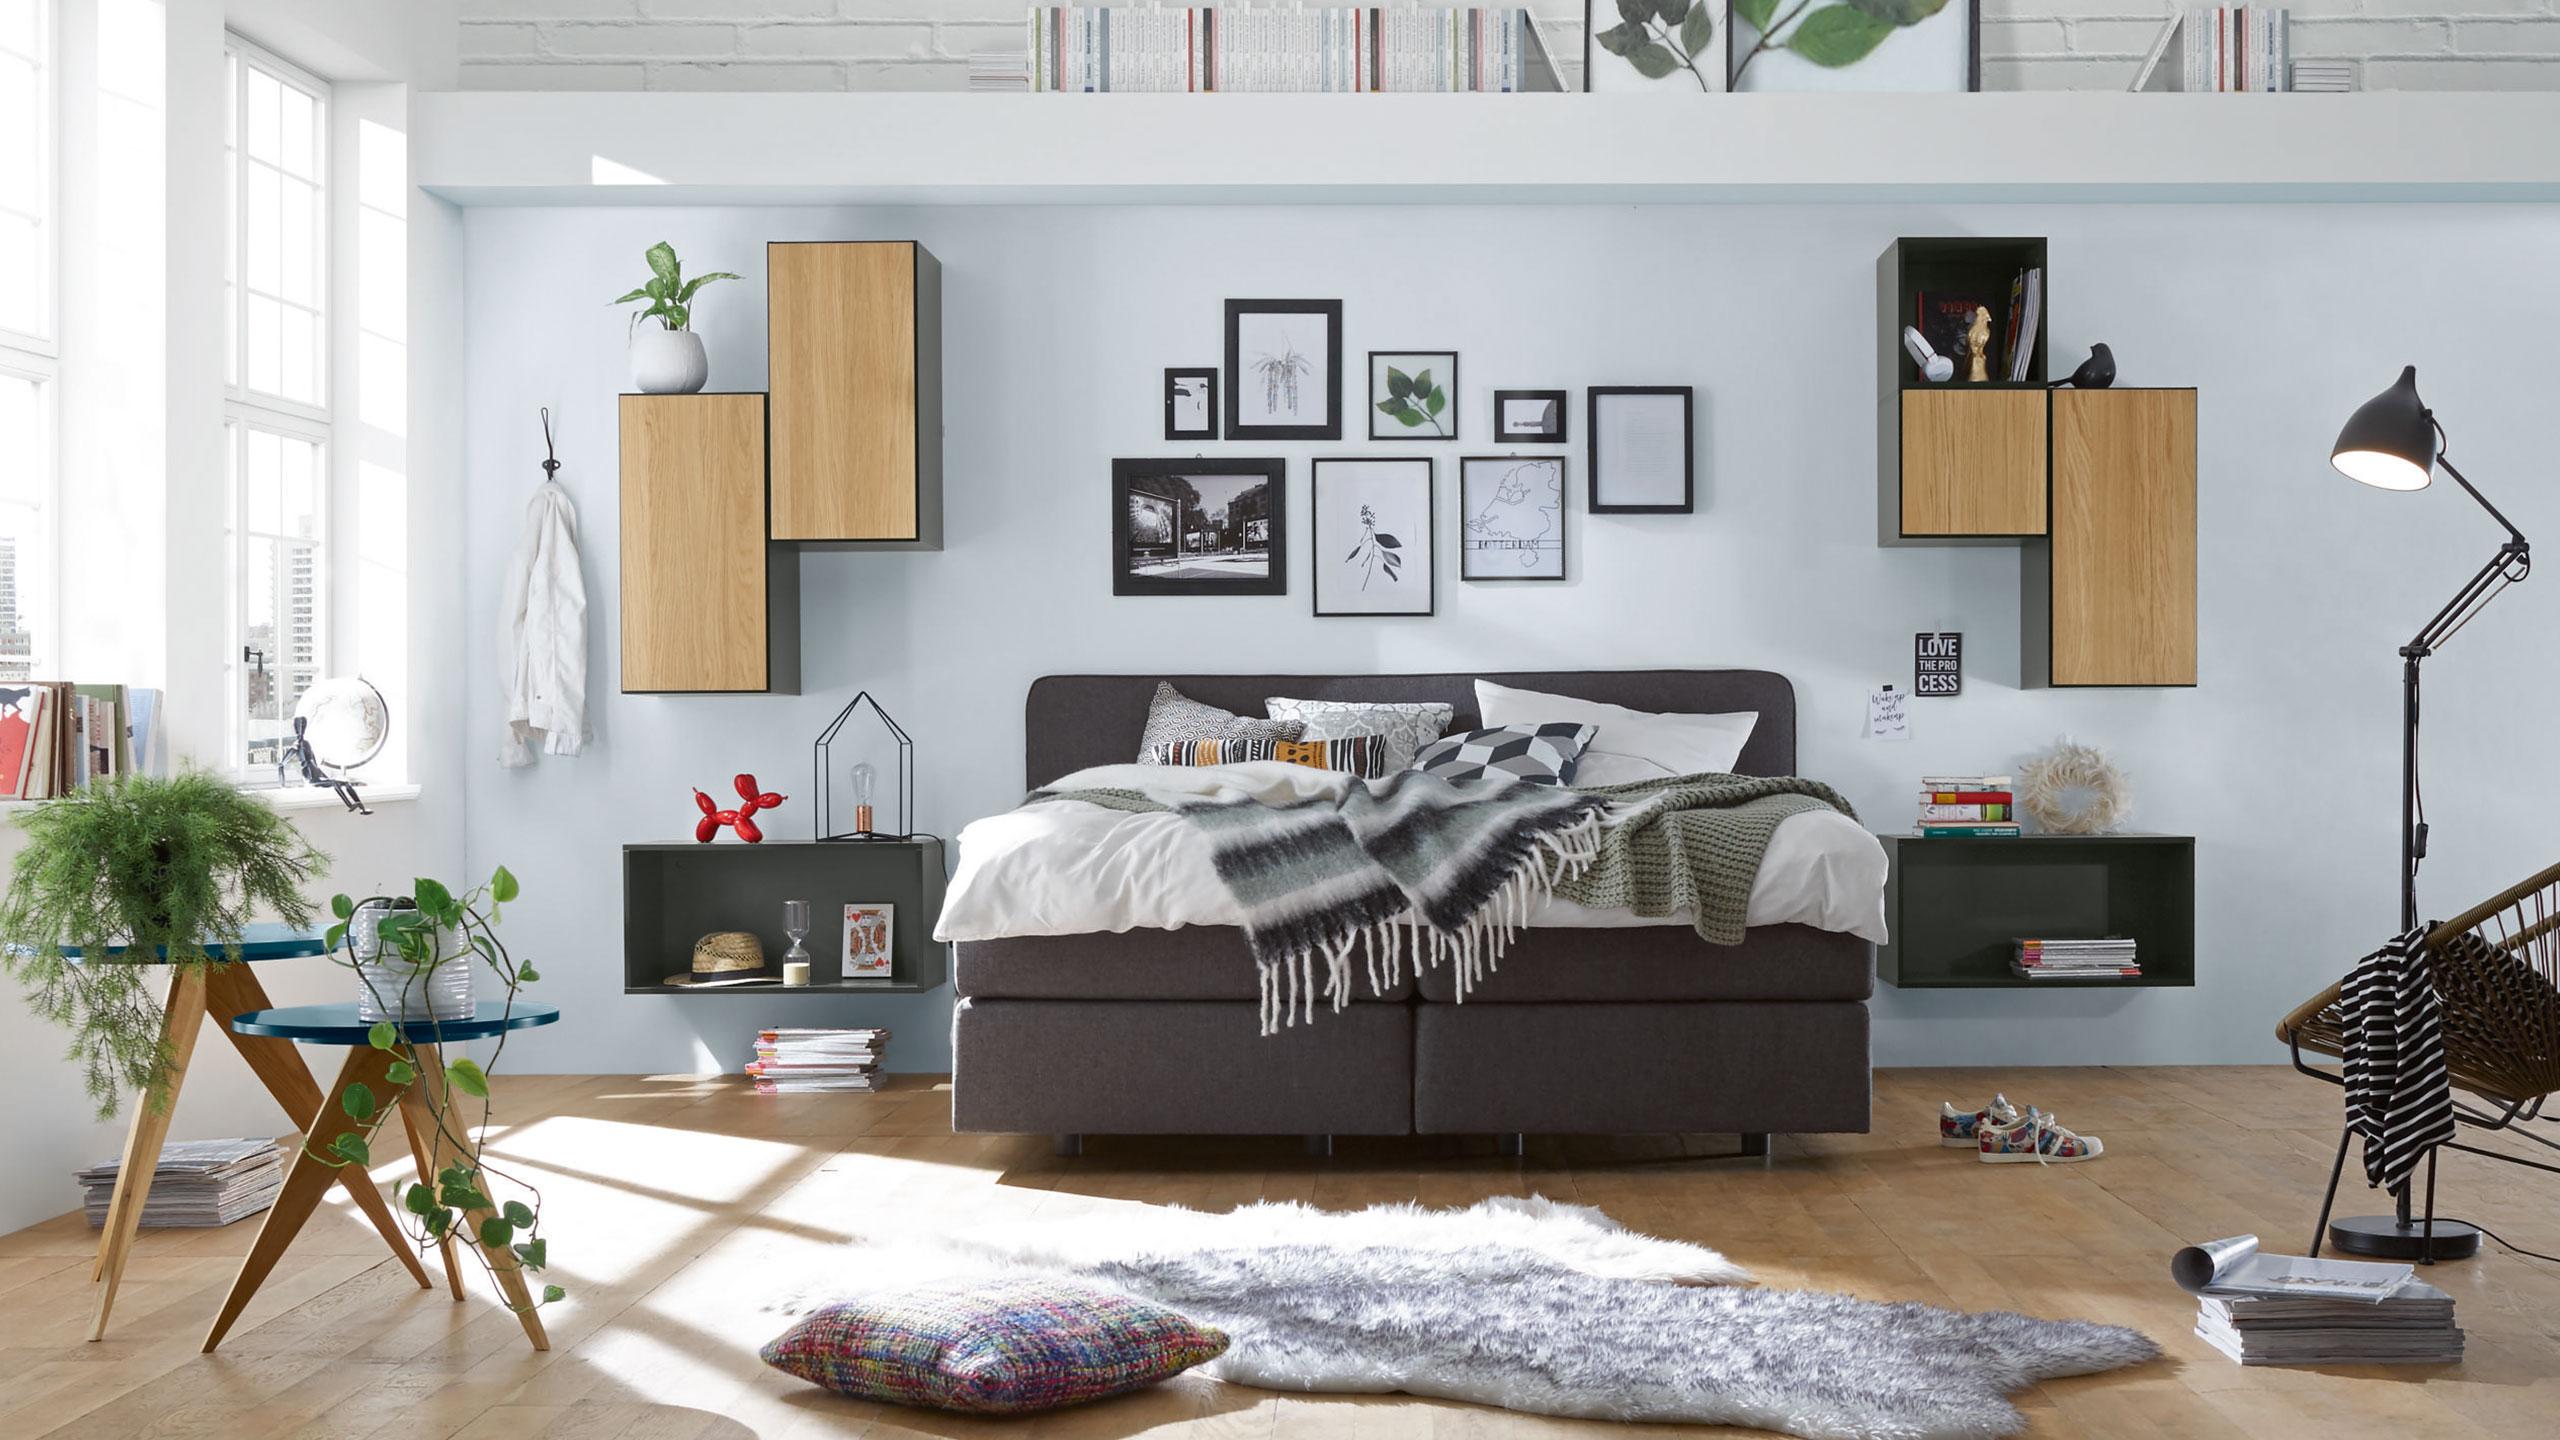 Full Size of Schranksysteme Schlafzimmer Das Ihrer Trume Mbel Staude Machts Mglich Wandtattoo Set Weiß Lampe Teppich Sessel Kommode Komplettes Deckenleuchte Modern Schlafzimmer Schranksysteme Schlafzimmer